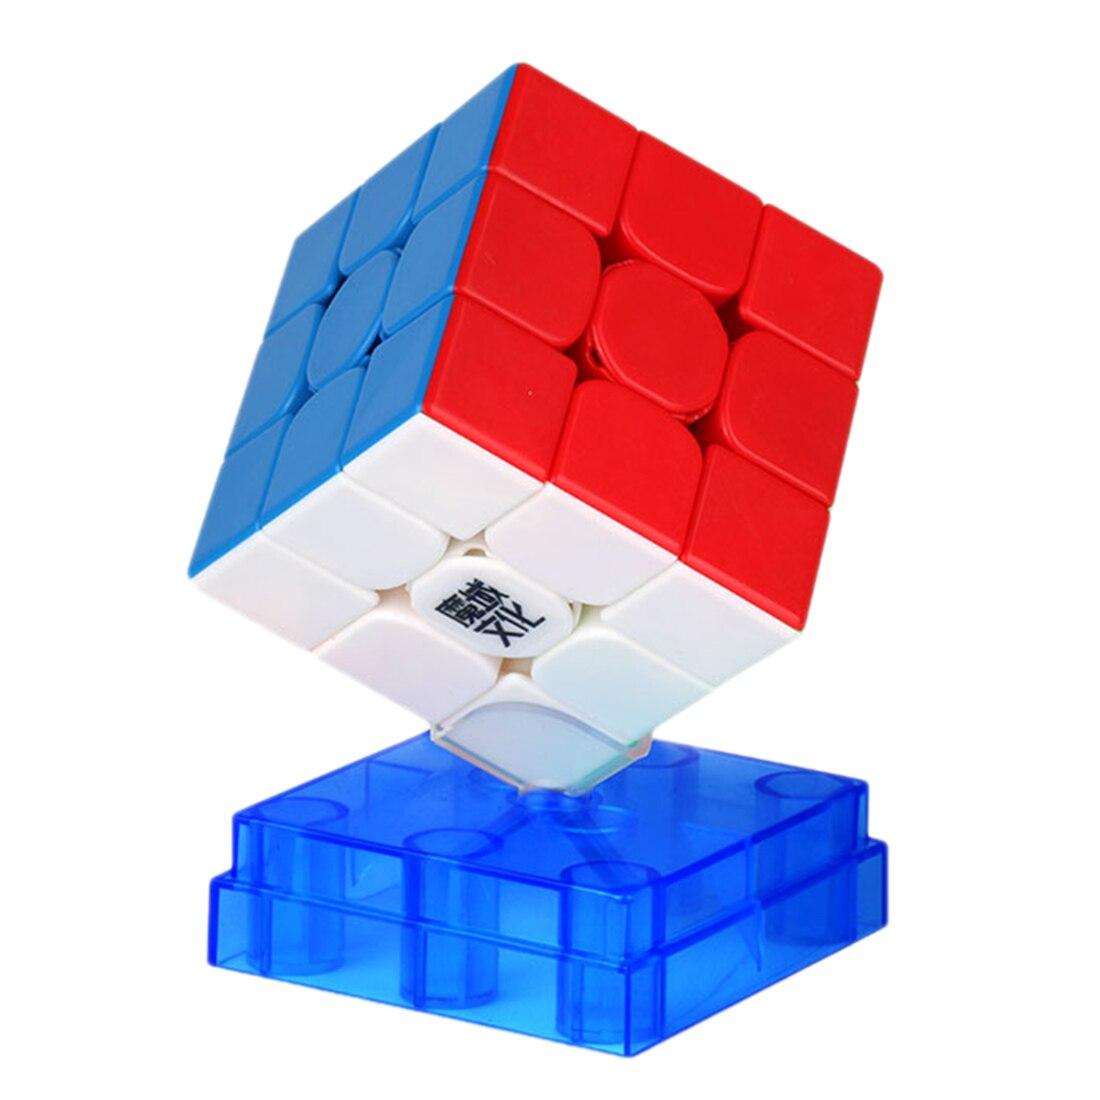 YJ8202 Moyu WeiLong WRM 3x3x3 Magnétique Cube Magique Cube carré-Coloré